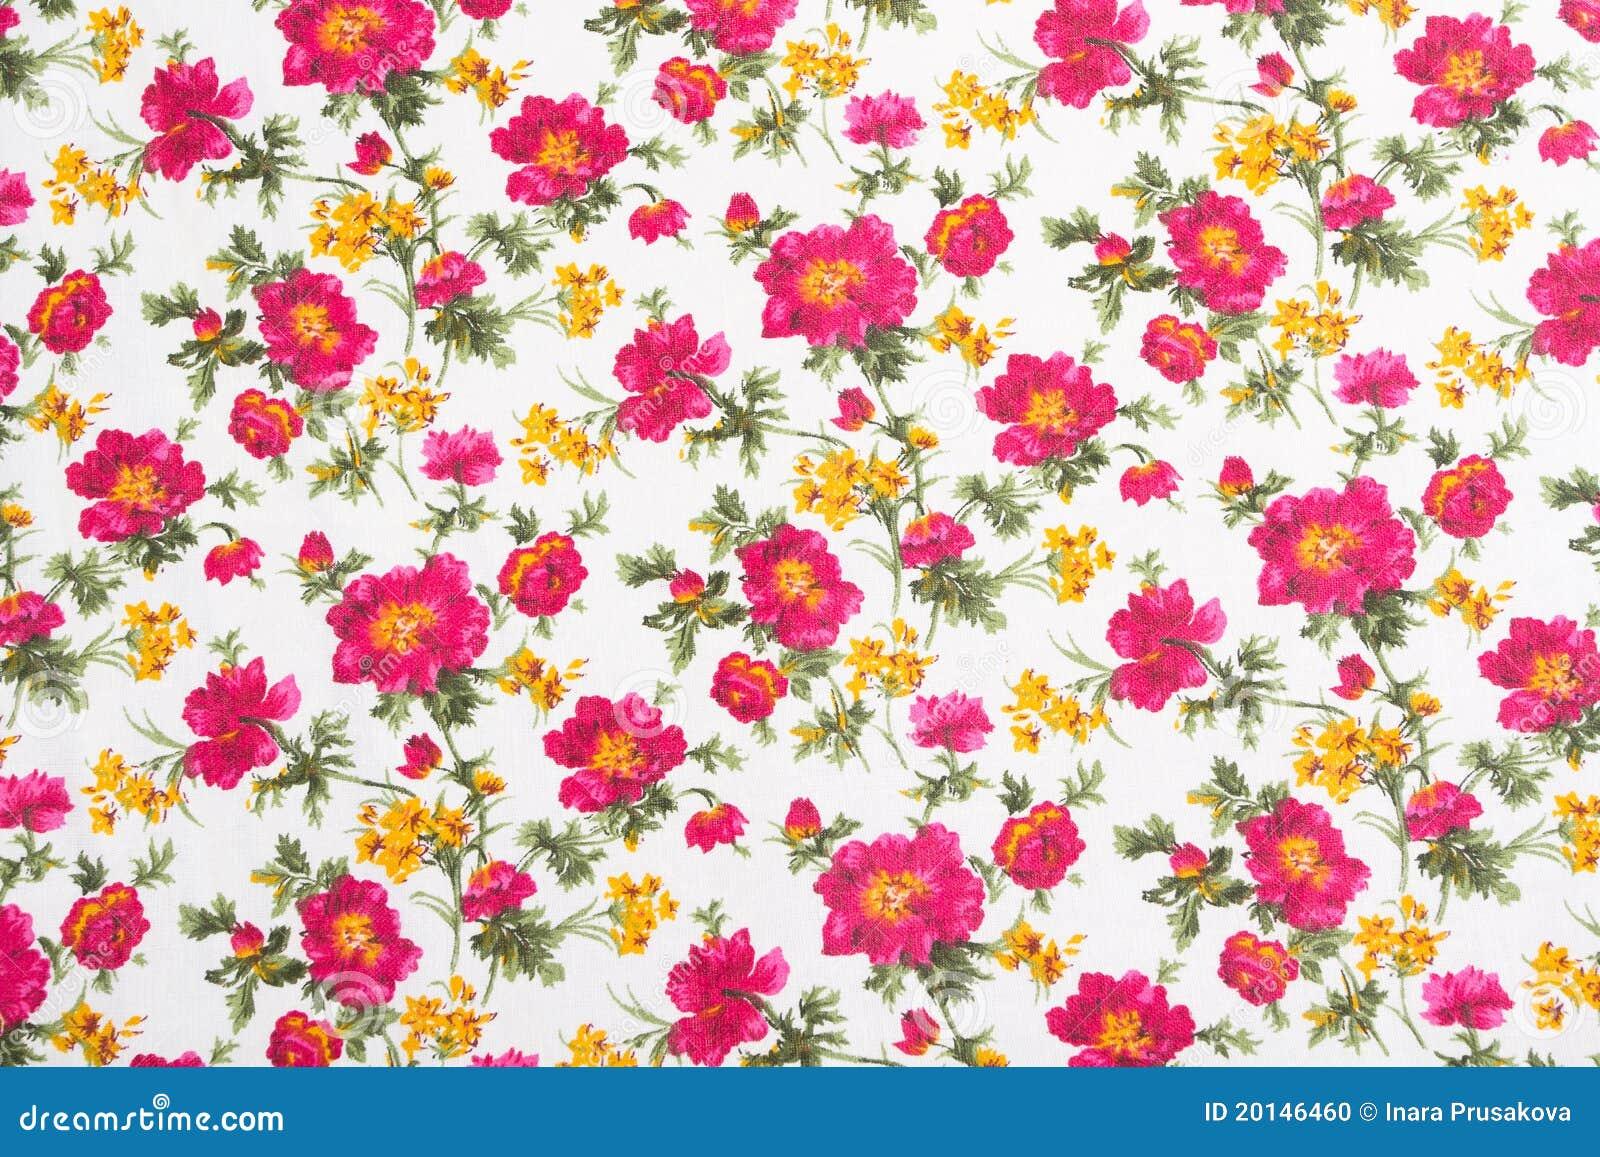 在无缝的布料的花卉模式。 花花束。